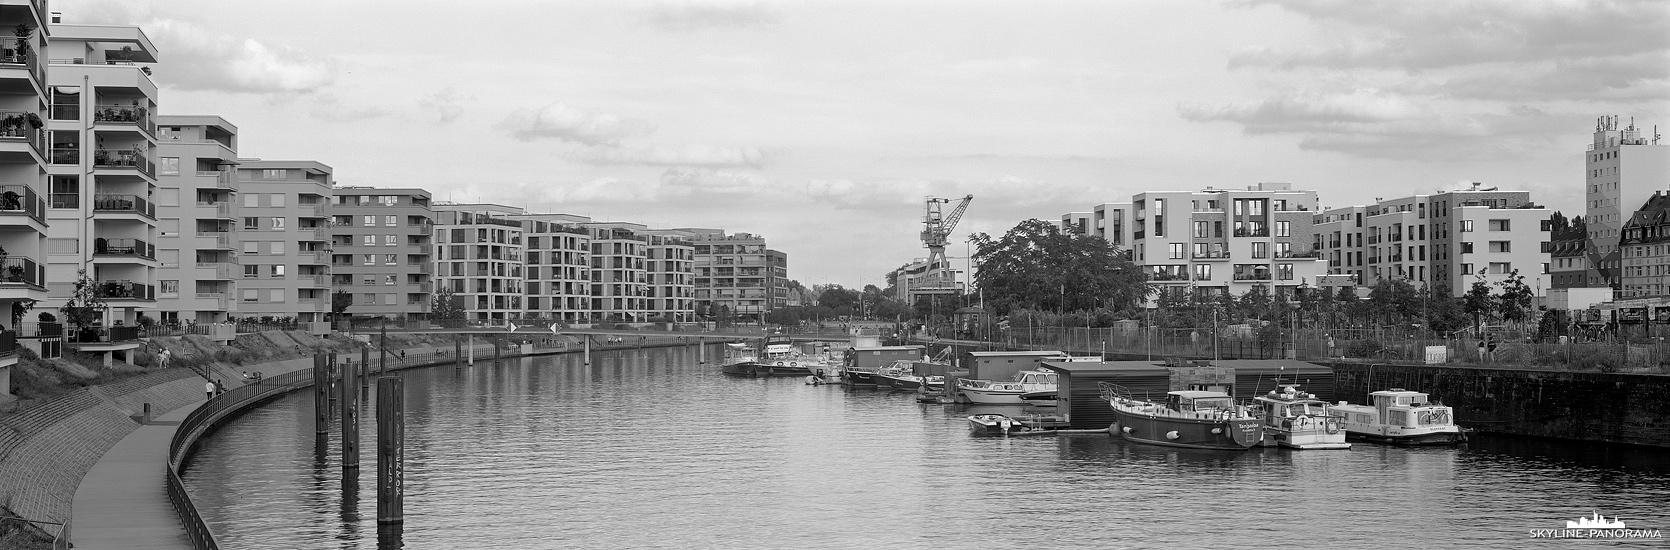 Stadtansicht von Offenbach am Main - Panorama aus dem neuen Stadtviertel Hafen Offenbach, welches am ehemaligen Industriehafen, unmittelbar am Offenbacher Mainbogen, entstanden ist.